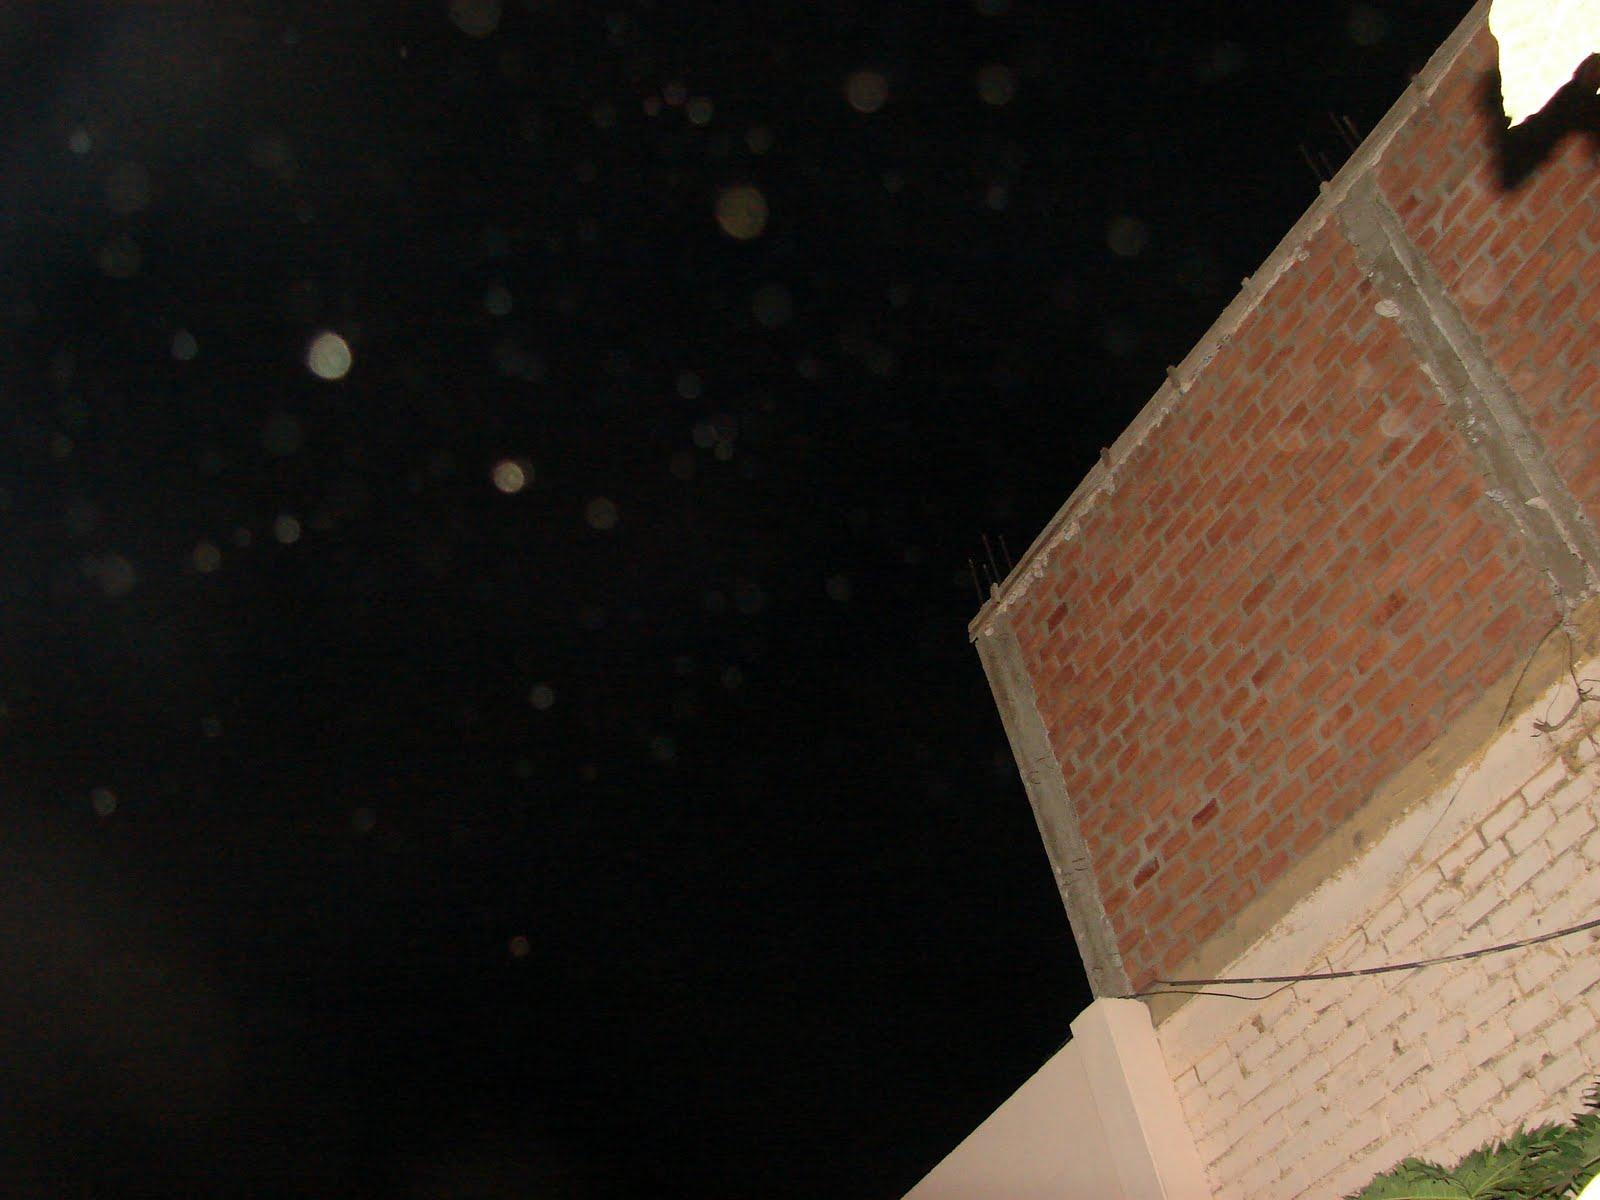 ATENCION-14-mayo-15-16-17...2011 Ultimos avistamientos Esferas ET Ovni-hrs-1:47:00 am sec..